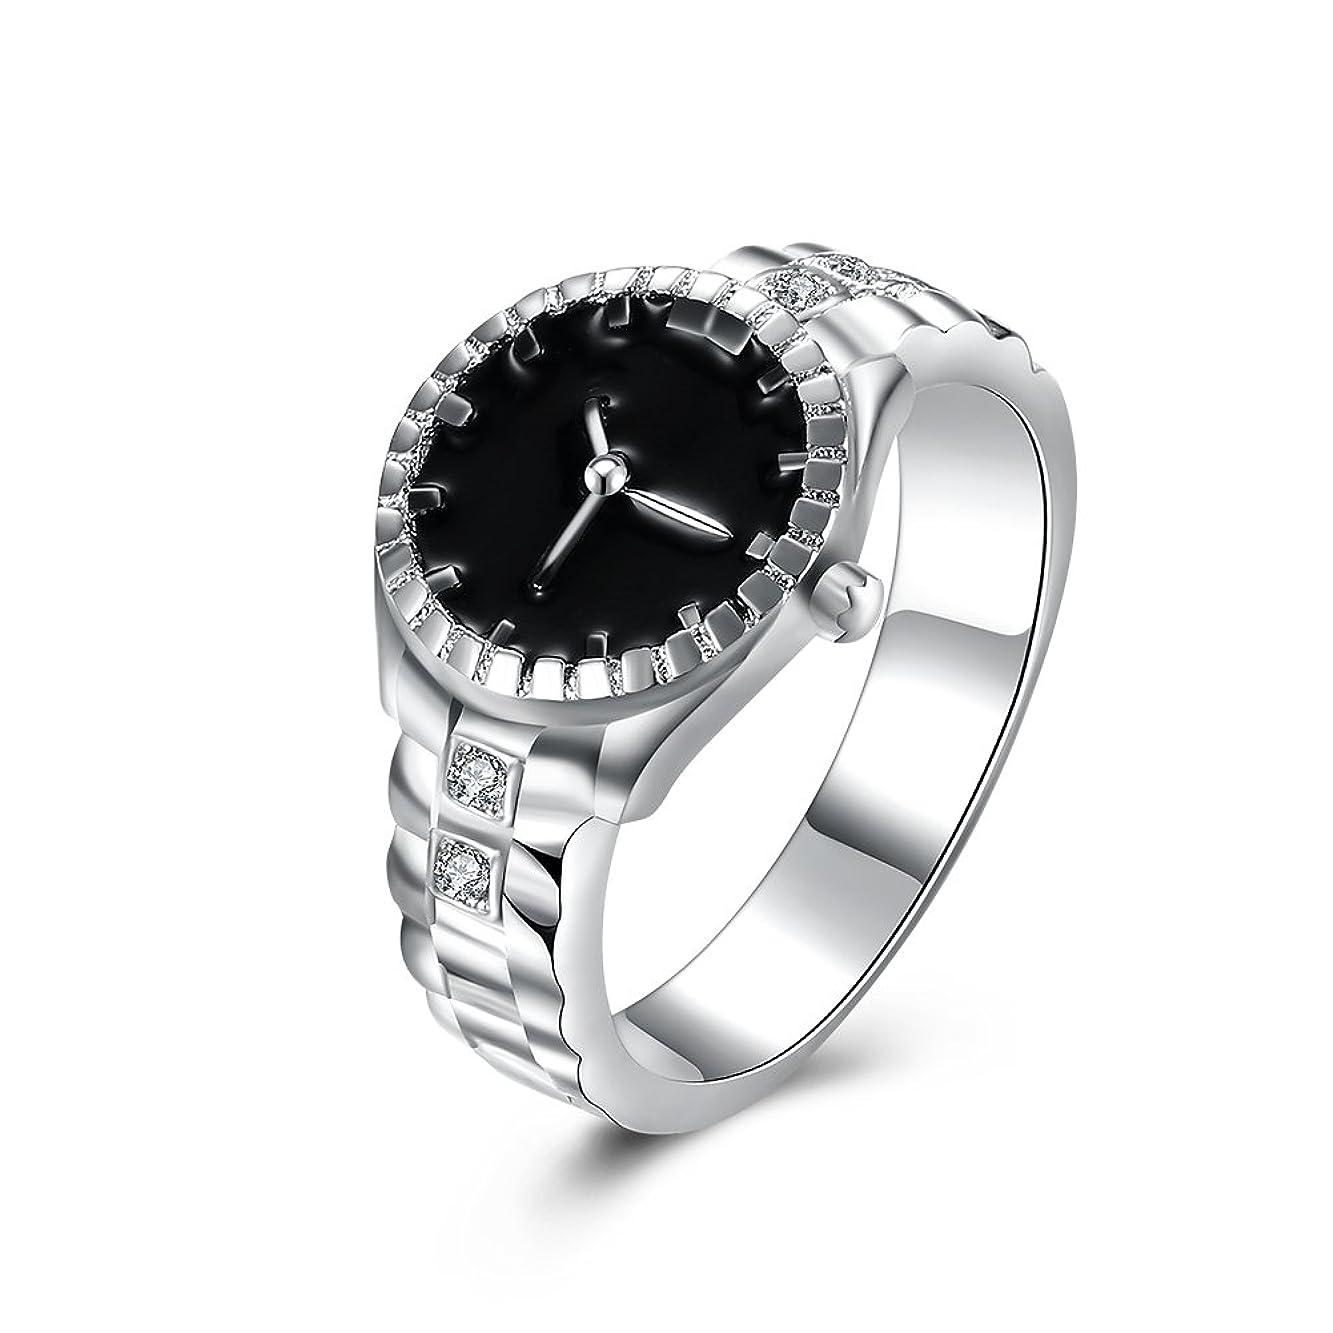 日光真剣に癌925スターリングシルバーメッキ時計型ダイヤモンドリングファッションジュエリー周年記念ギフト (マルチカラー)